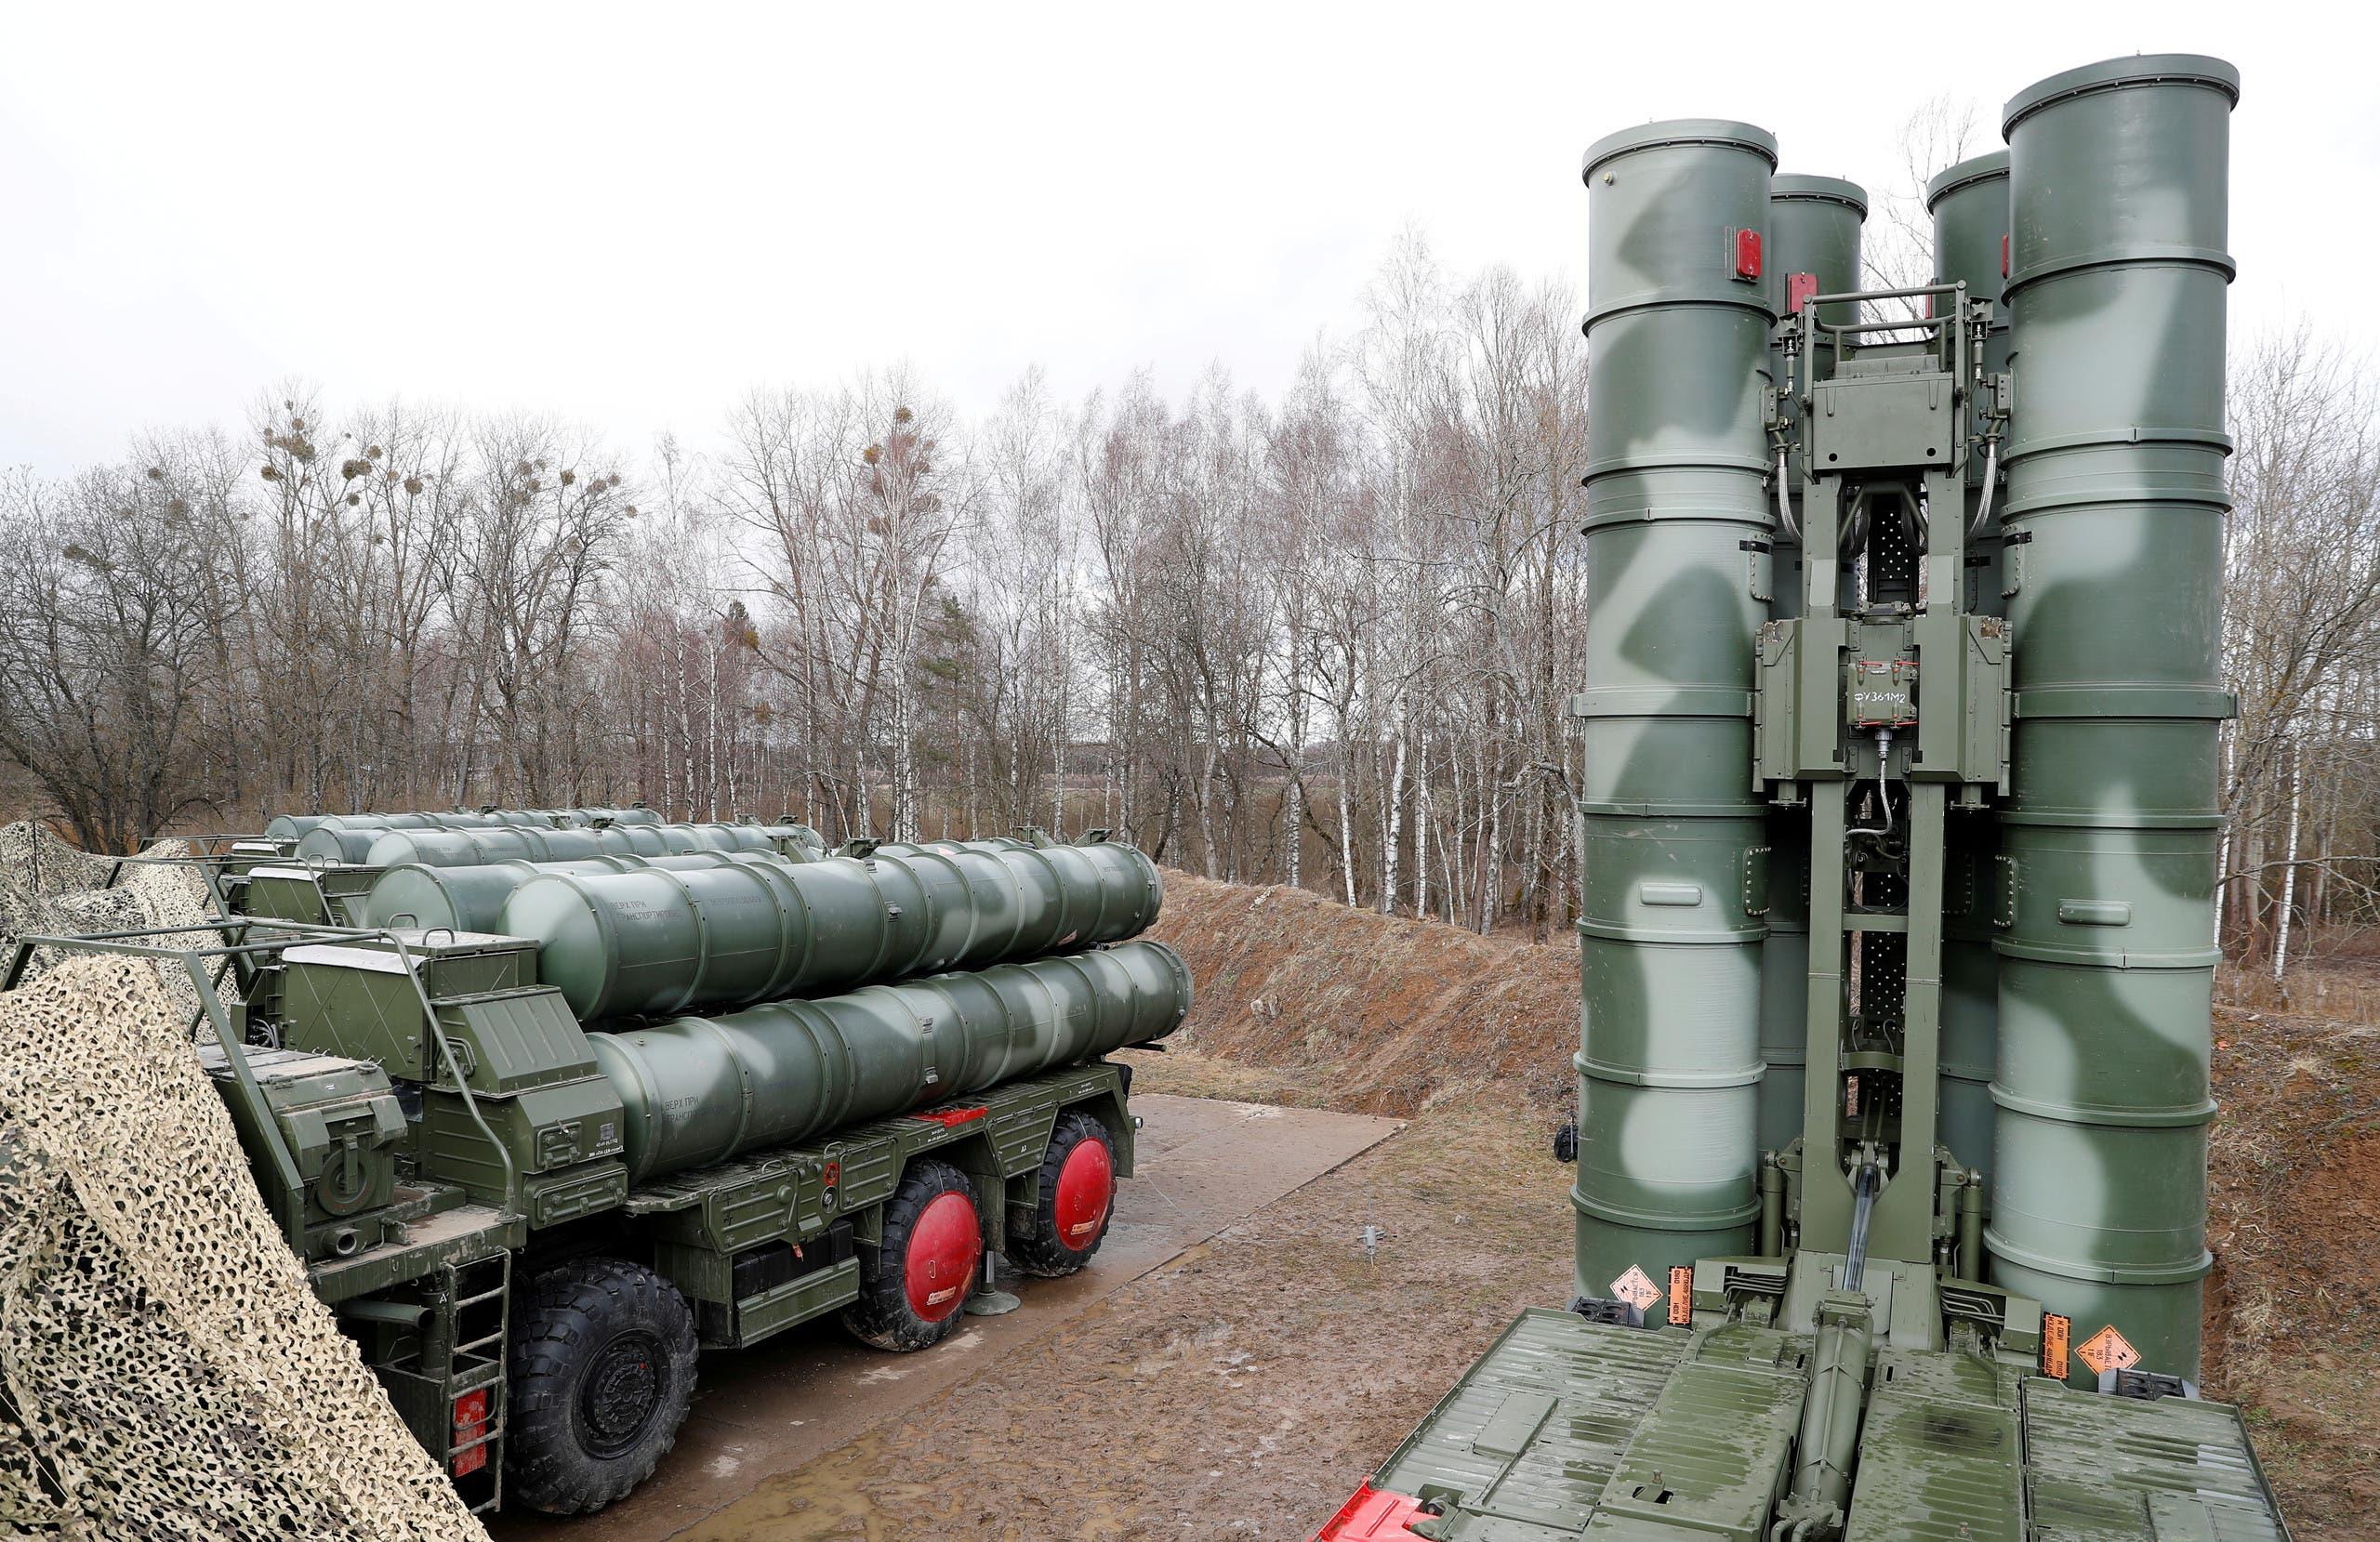 منظومة صواريخ اس 400 الروسية